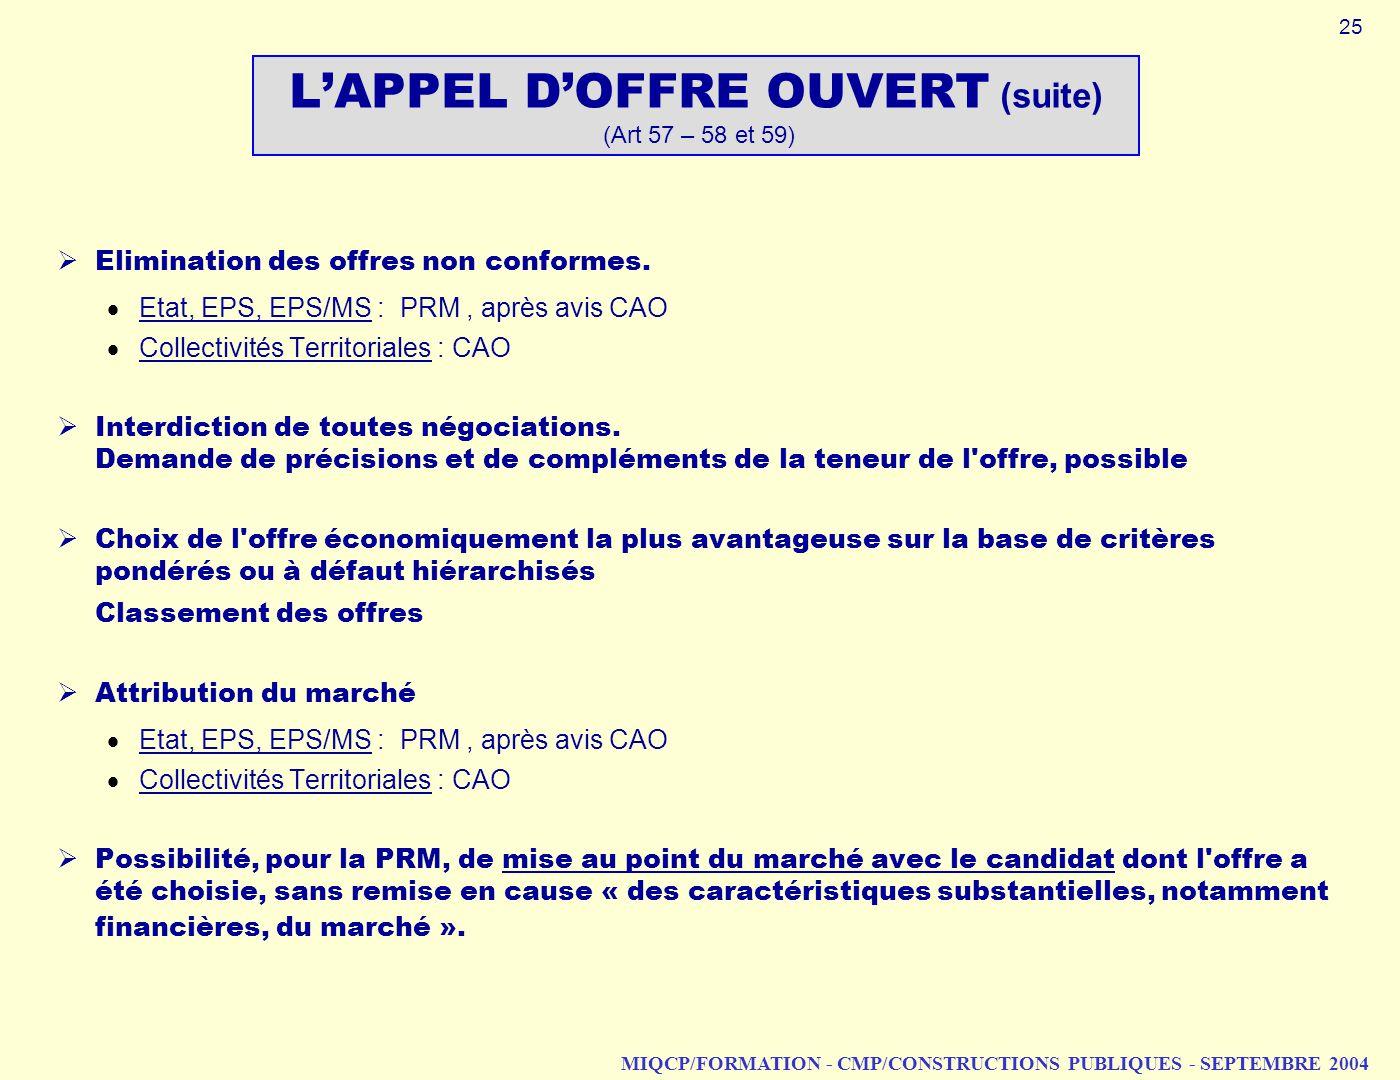 MIQCP/FORMATION - CMP/CONSTRUCTIONS PUBLIQUES - SEPTEMBRE 2004 LAPPEL DOFFRE OUVERT (suite) (Art 57 – 58 et 59) Elimination des offres non conformes.